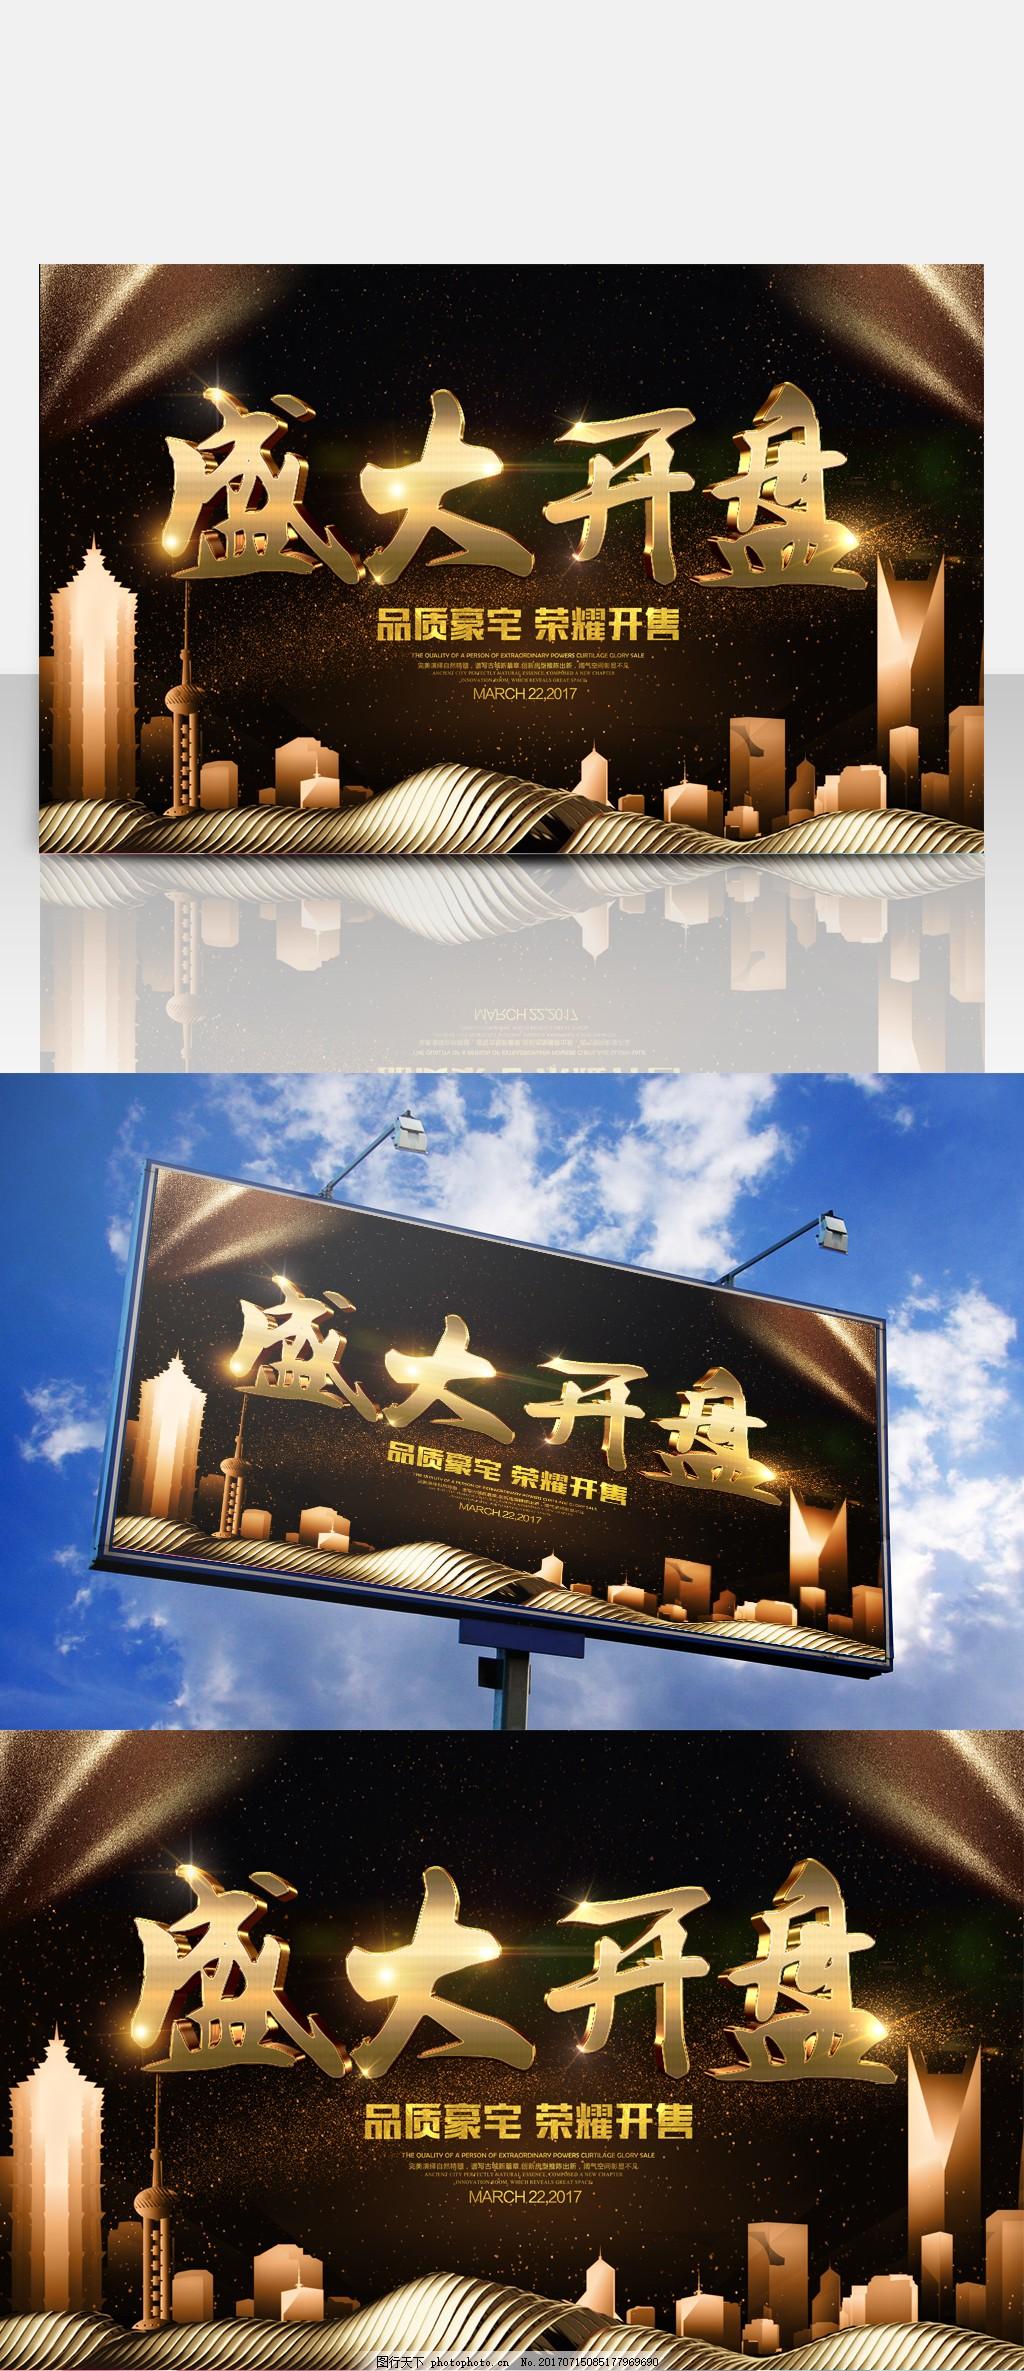 大气合金字体设计质感字体地产盛大开盘户外广告